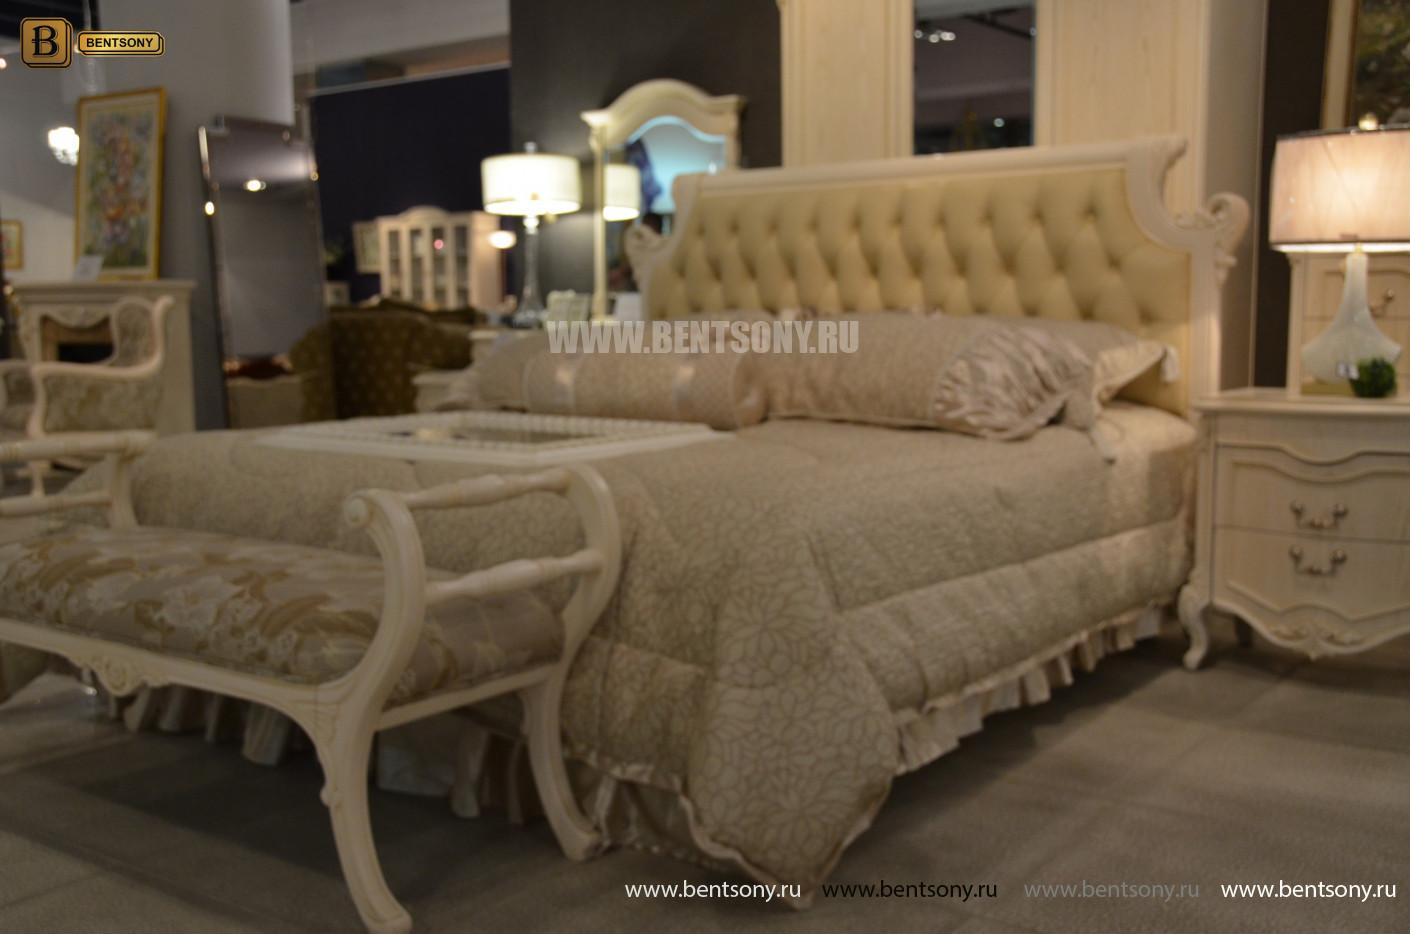 Кровать Флетчер-W D (Классика, Ткань) каталог